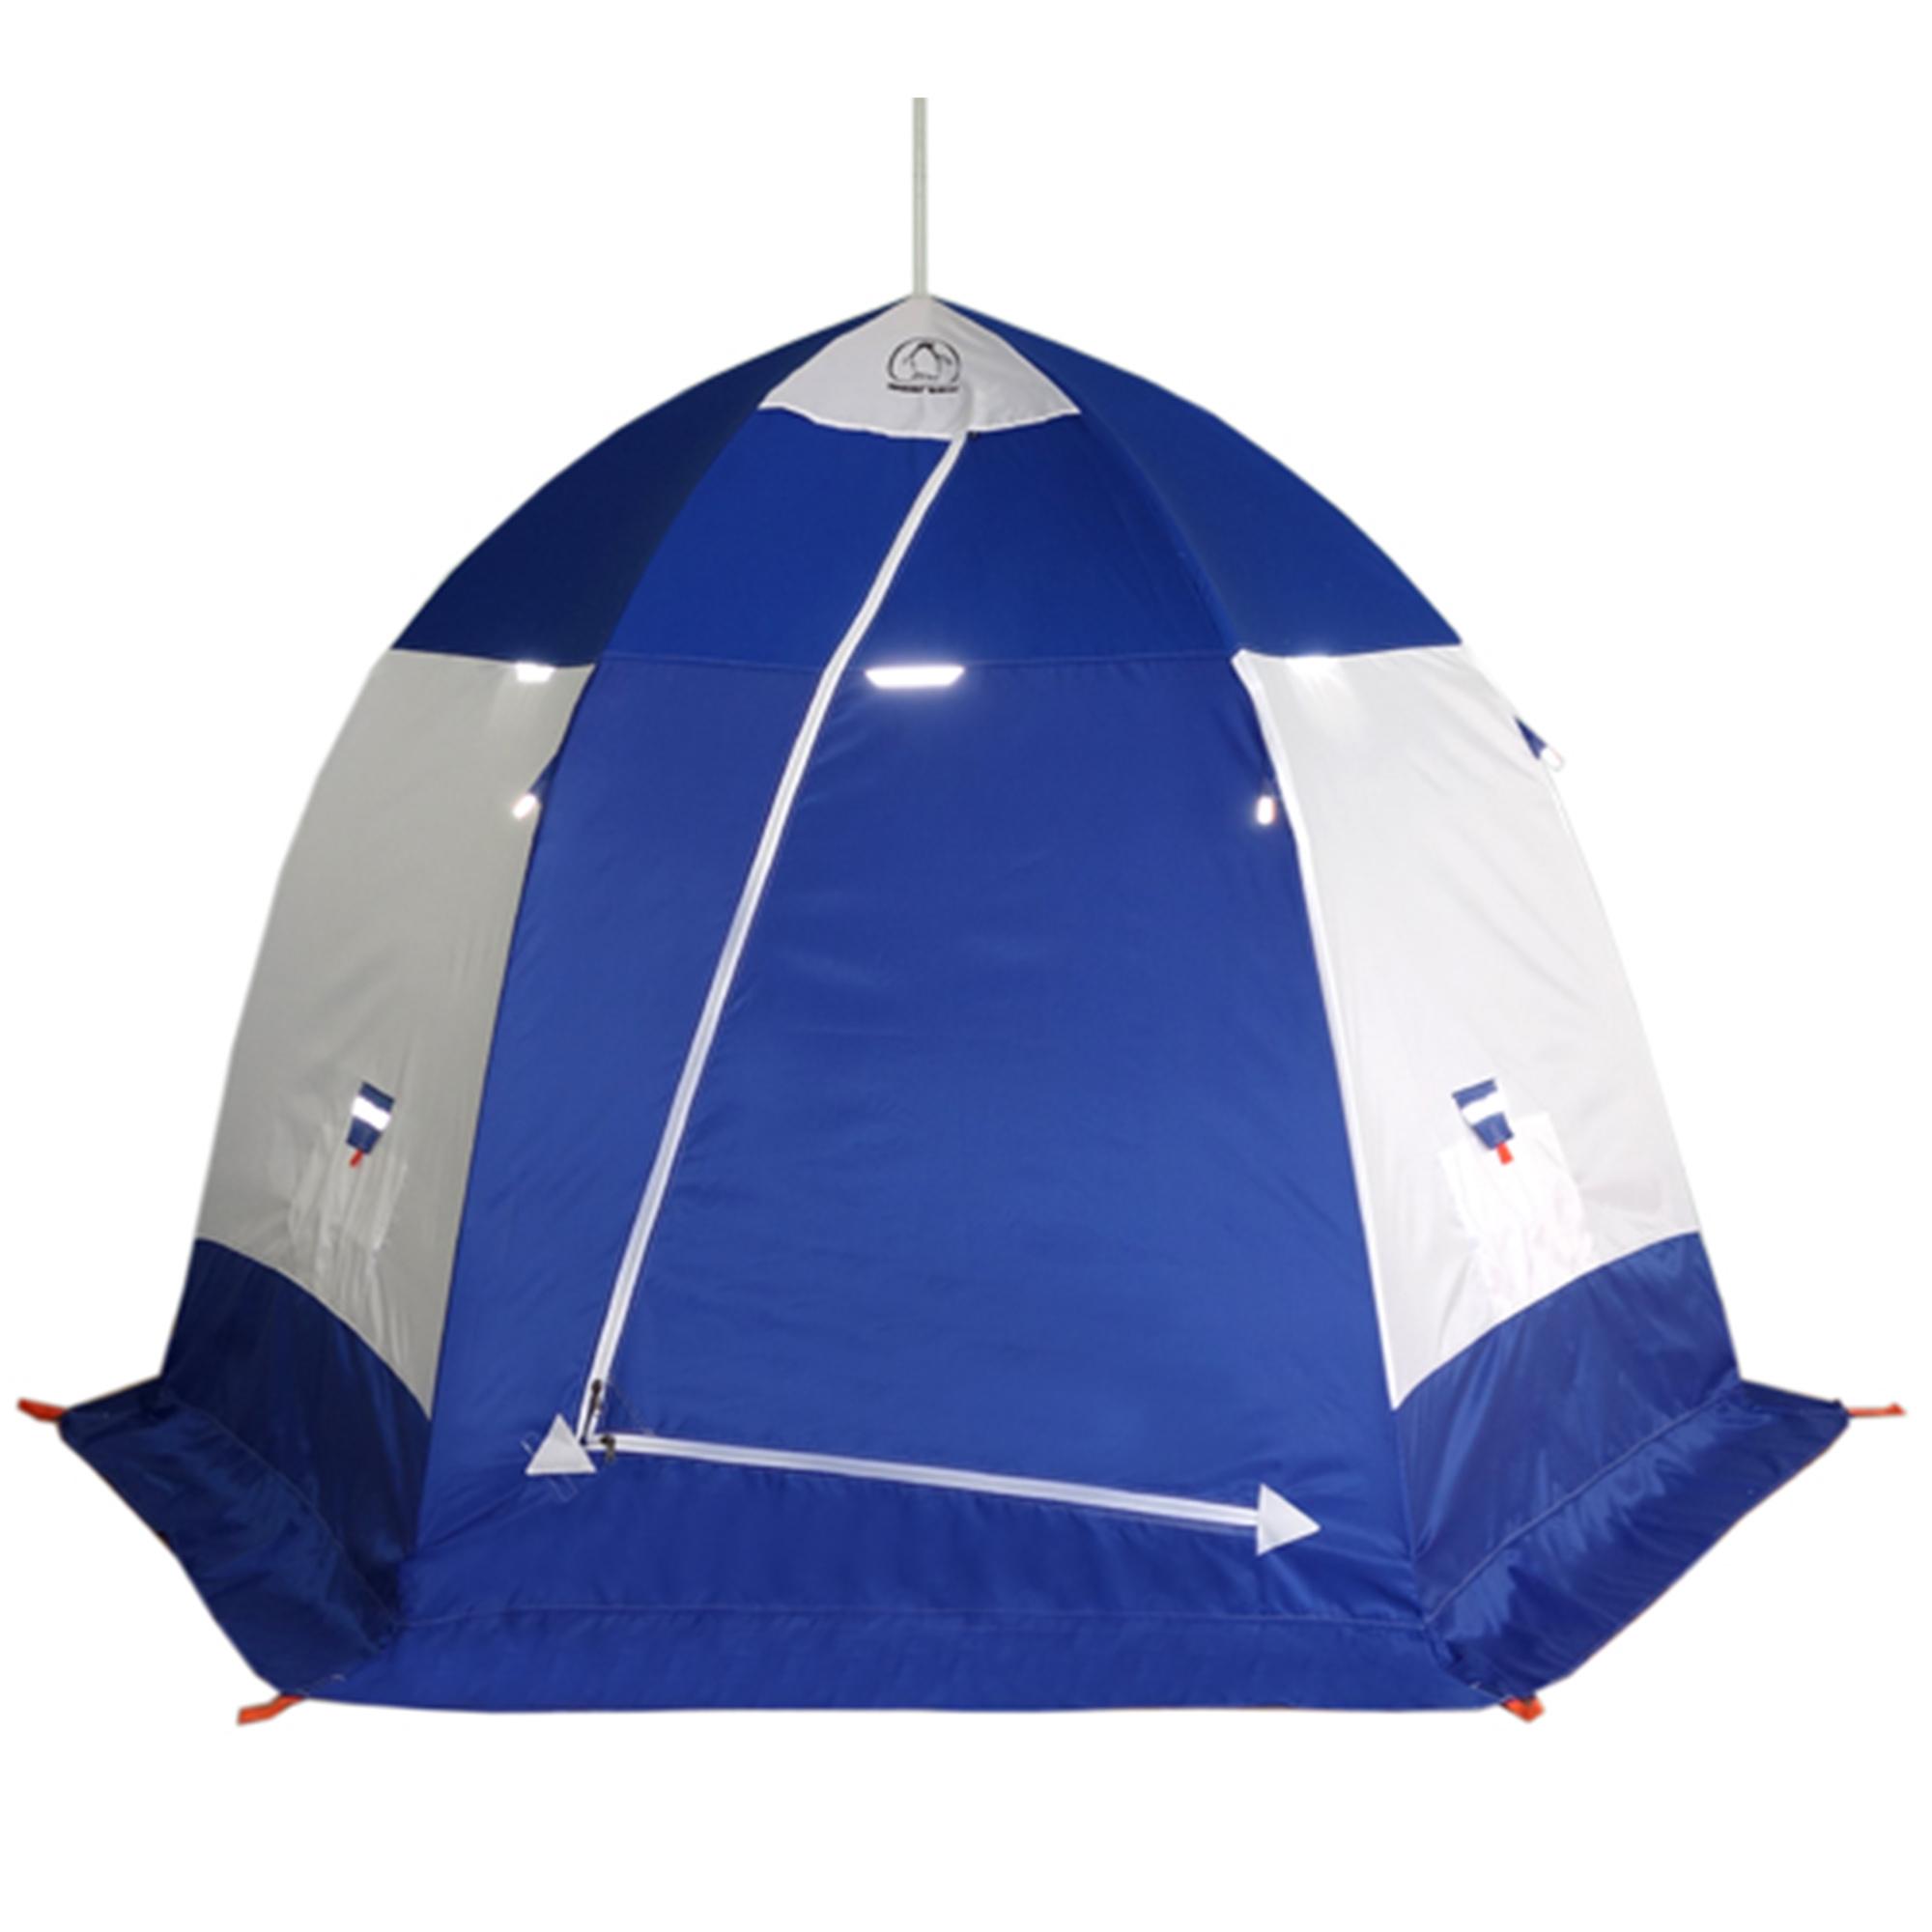 Палатка-зонт ПИНГВИН Пингвин 3 (1-слойная), Палатки - арт. 1128410162